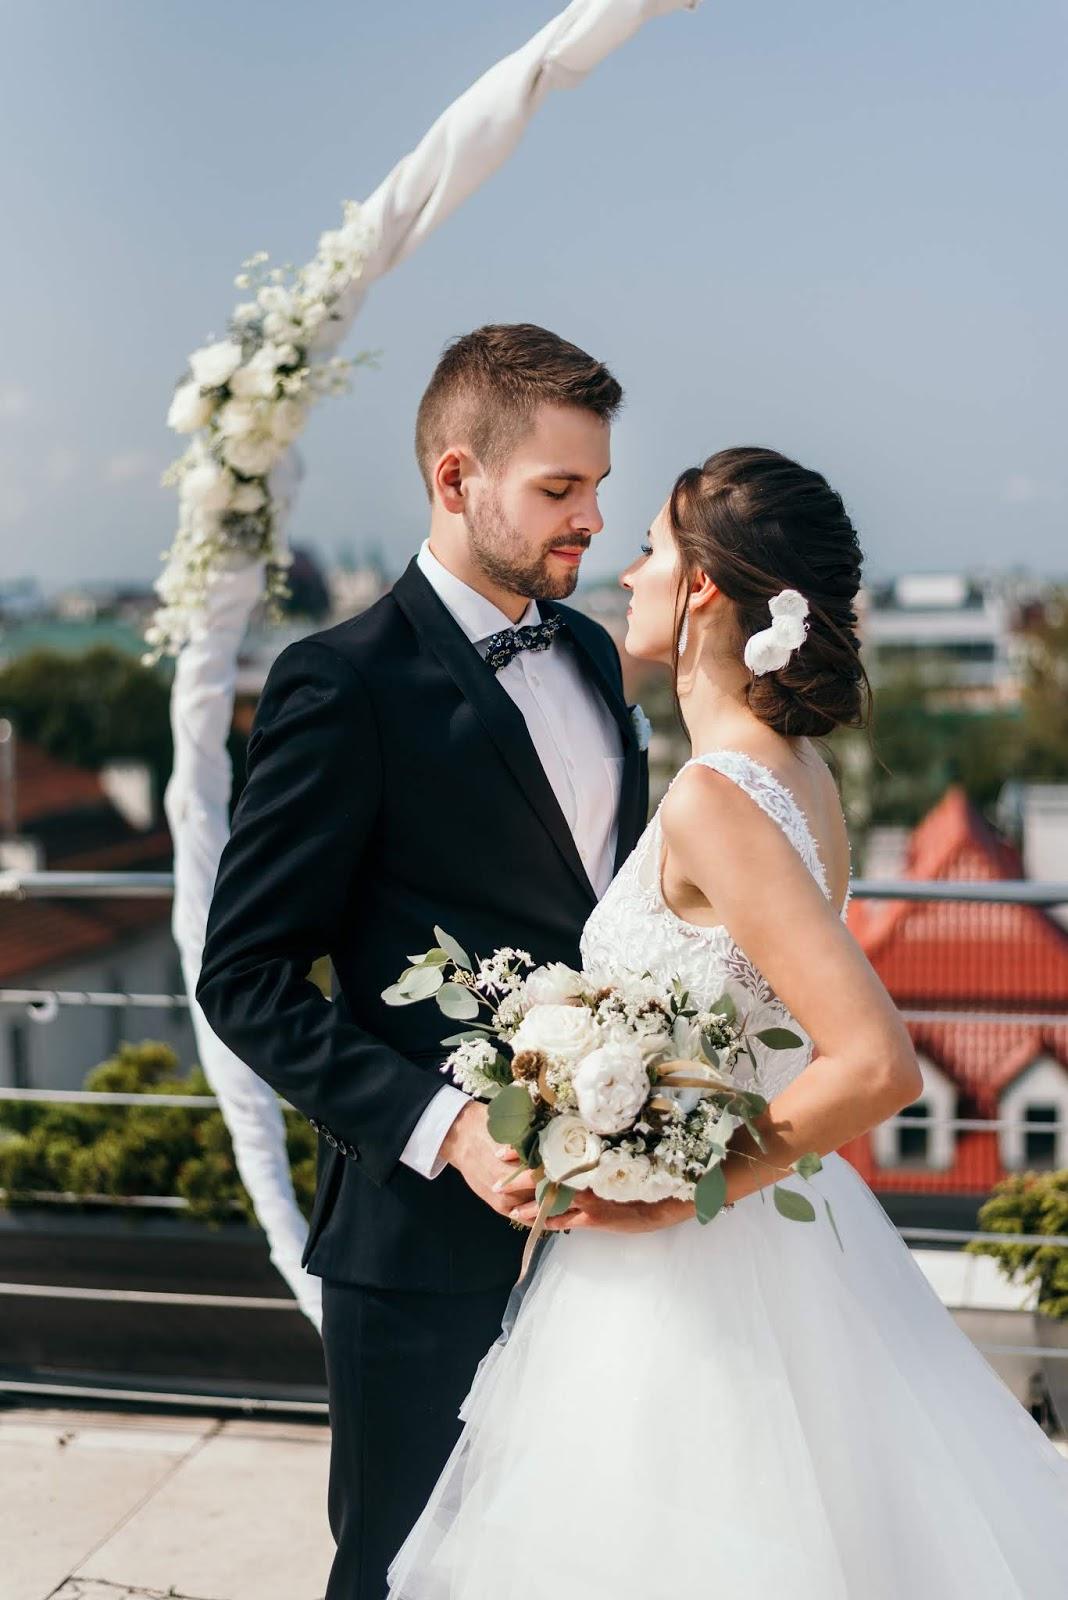 Śnieżna biel i czerń w stylizacji ślubnej.